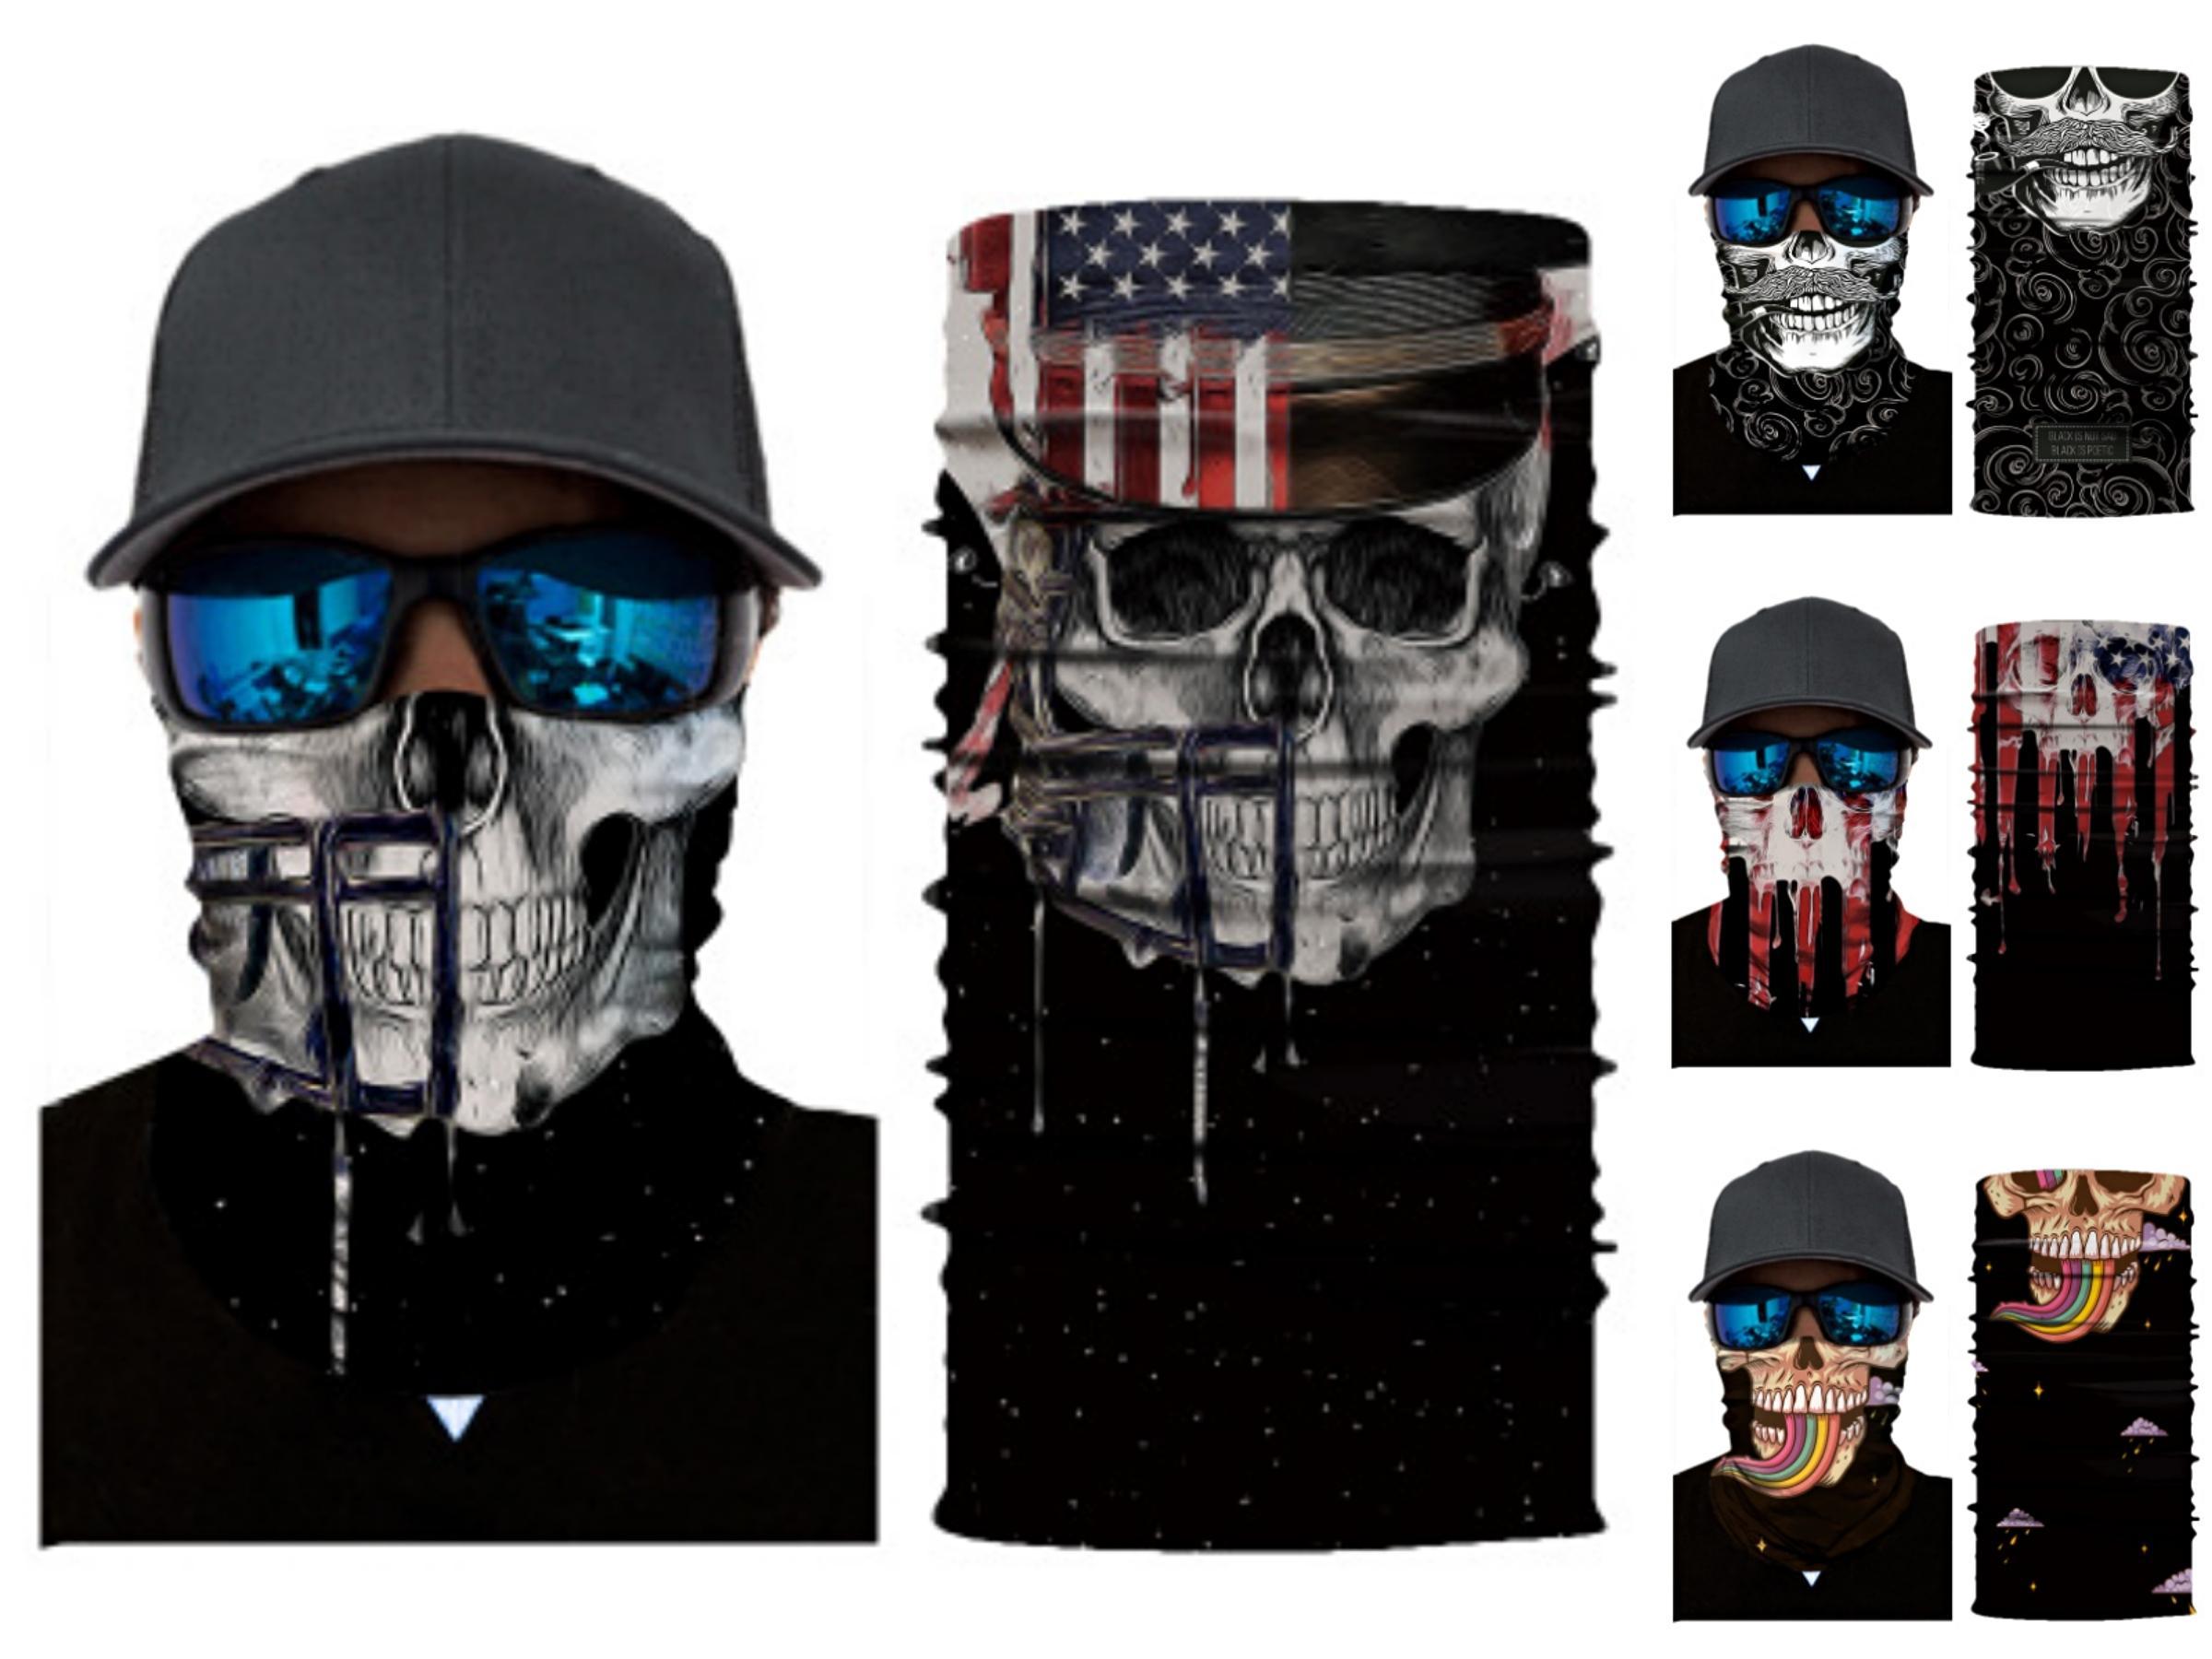 3D Волшебные печати Спорт Маска Summer Cool Skin Ice Шелковый дышащая Велоспорт маска Удобная упругая сила шеи Череп Череп Шарф верхом # 255